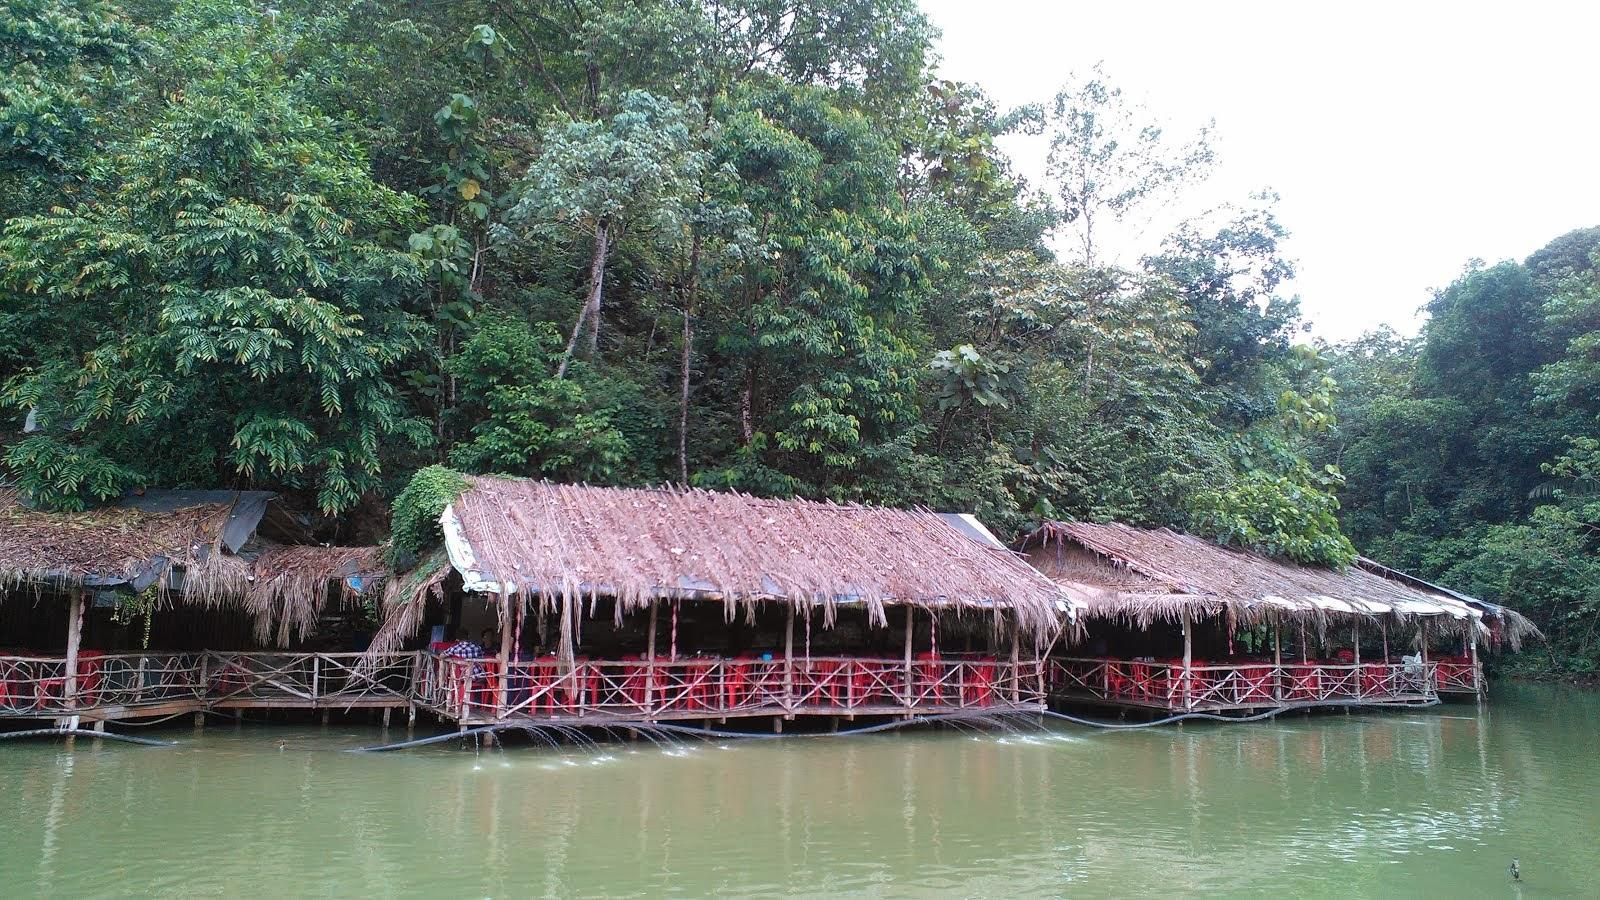 Thai Fish Farm Restaurant - Kuala Lumpur